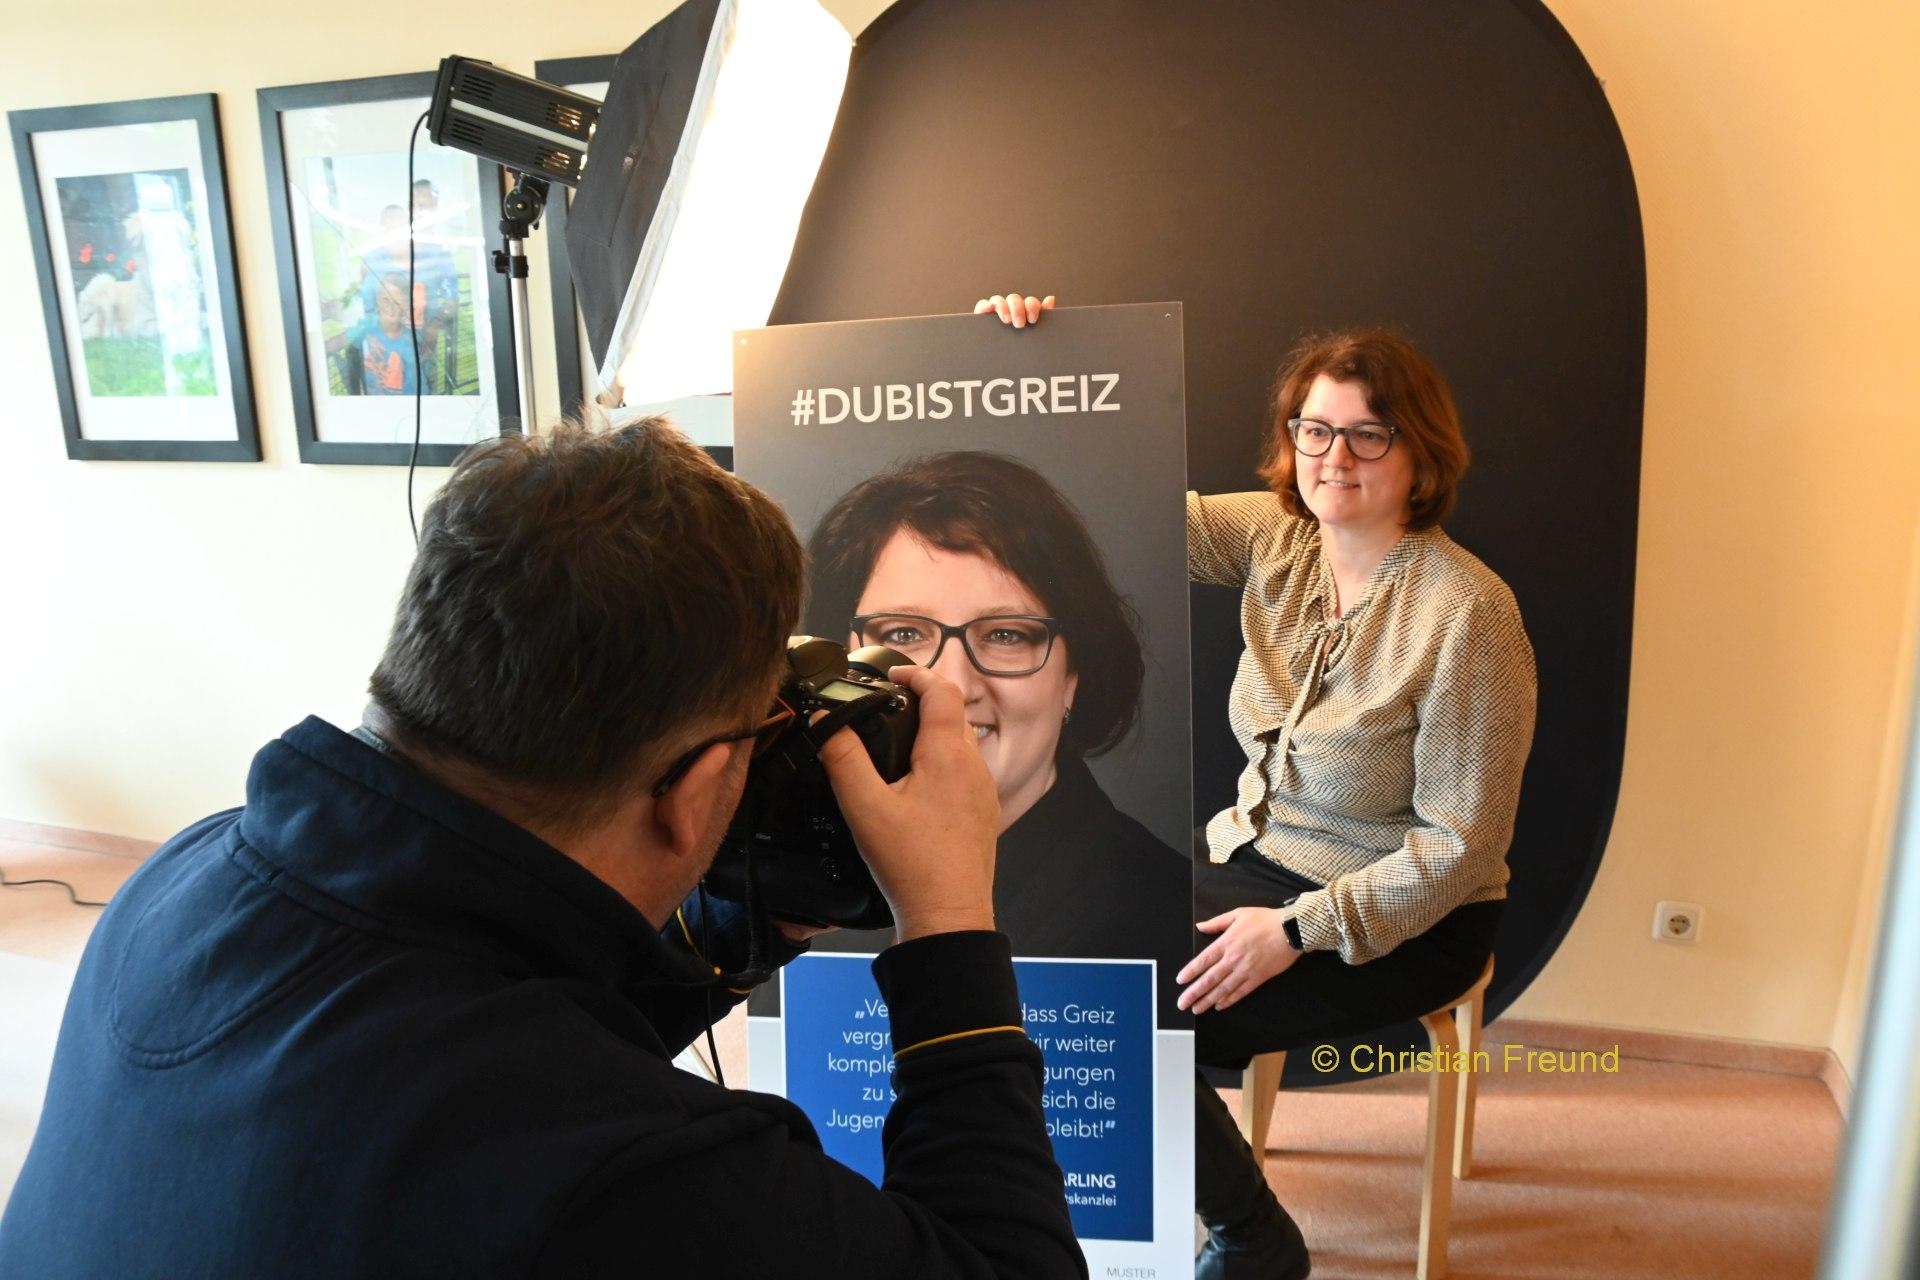 Fotoclub Greiz bittet Lions-Mitglieder um Teilnahme an der Aktion